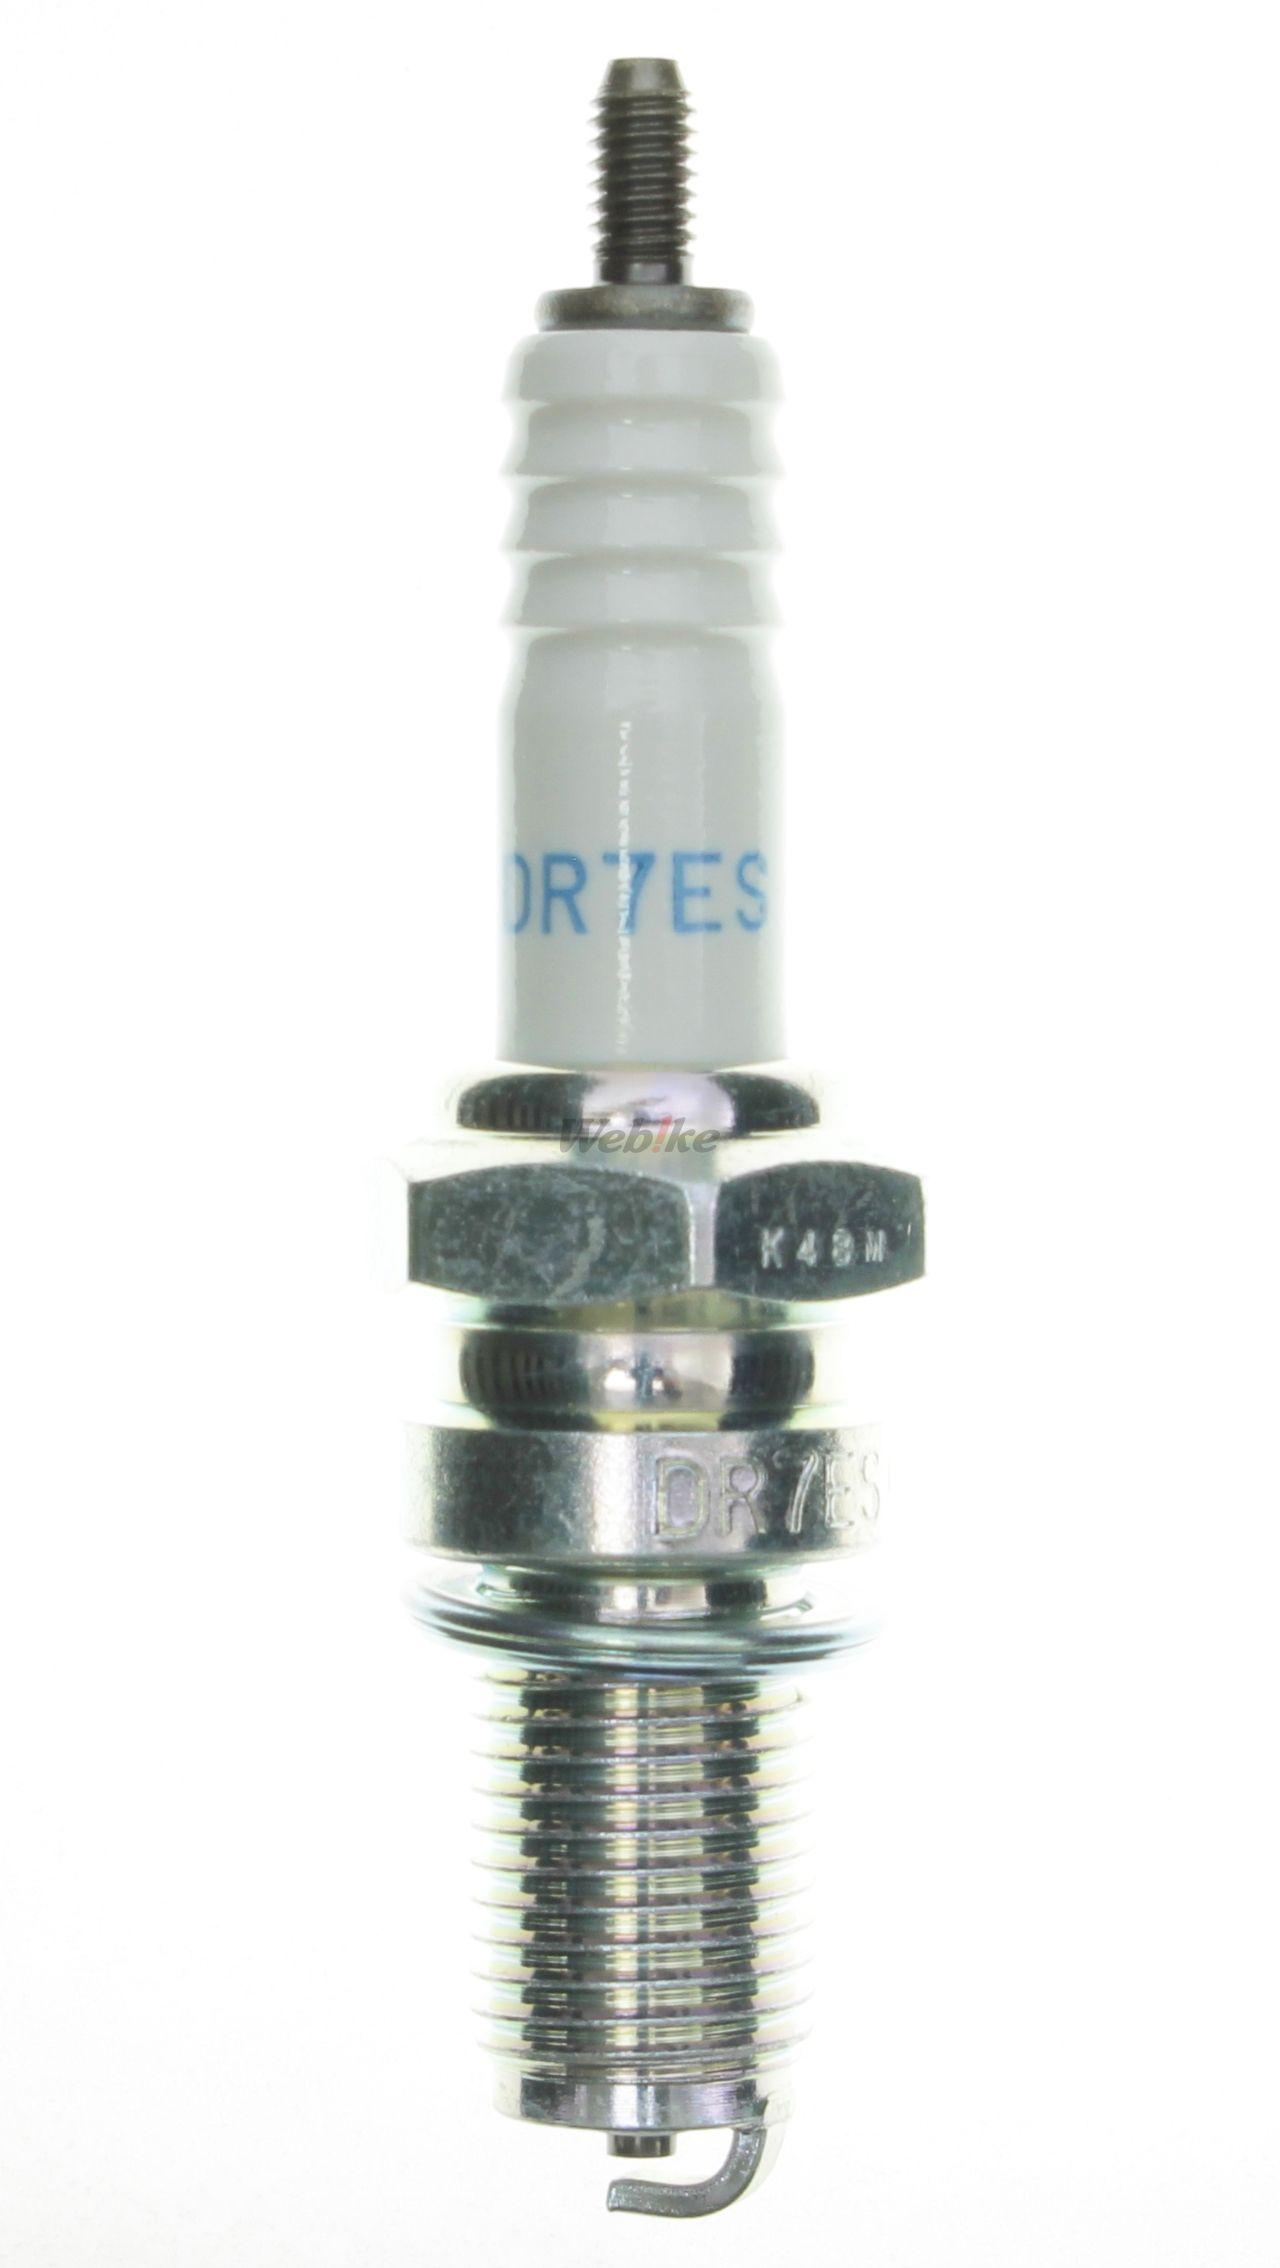 【NGK】標準型 火星塞 DR7ES 3123 - 「Webike-摩托百貨」